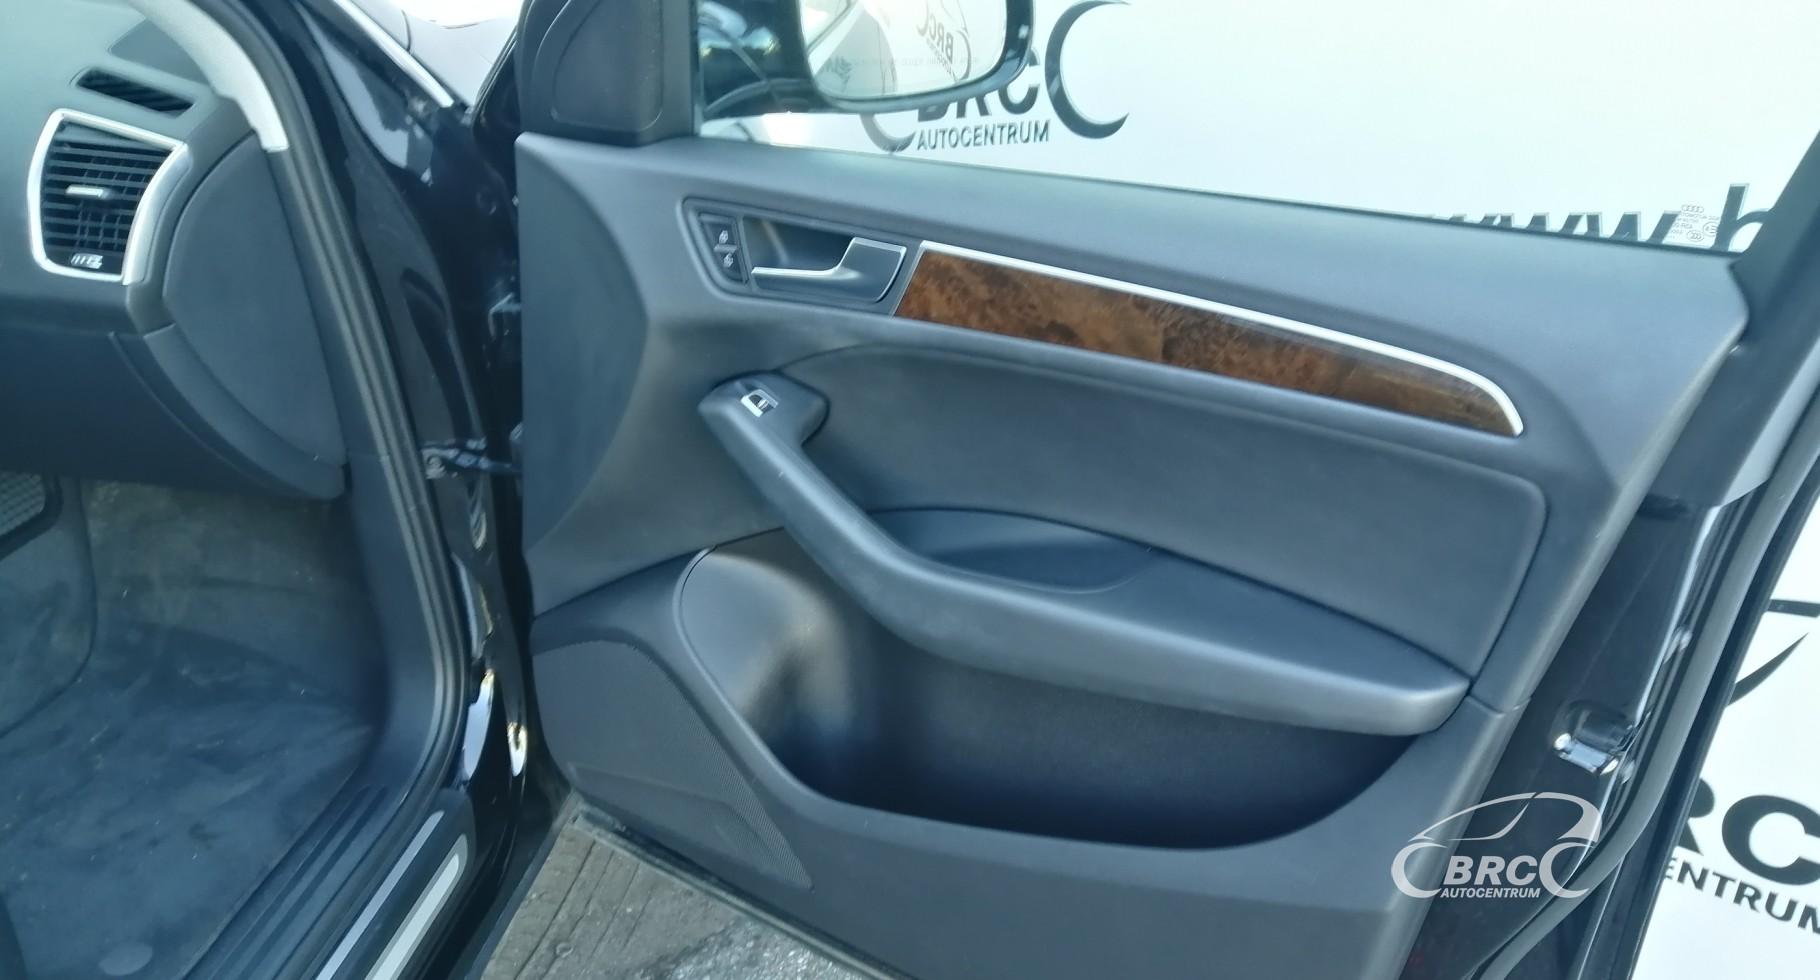 Audi Q5 2.0 TFSI Quattro Premium Plus Automatas